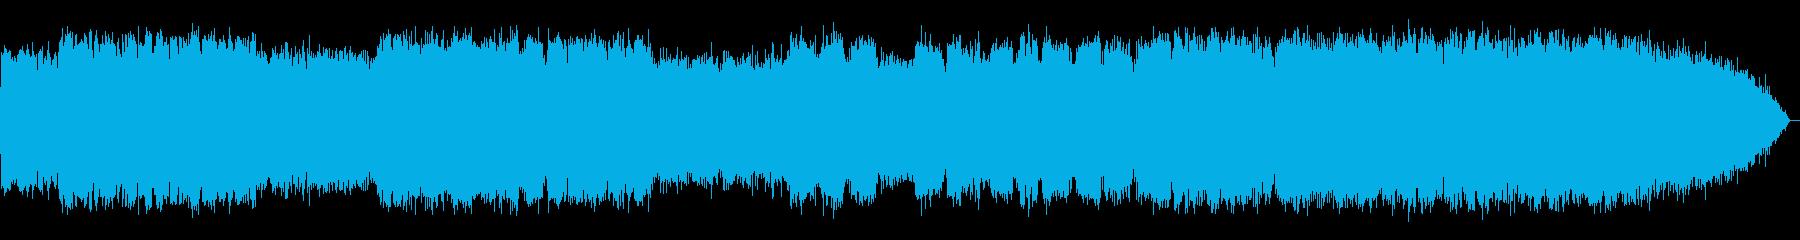 哀愁のある笛のメロディーの再生済みの波形